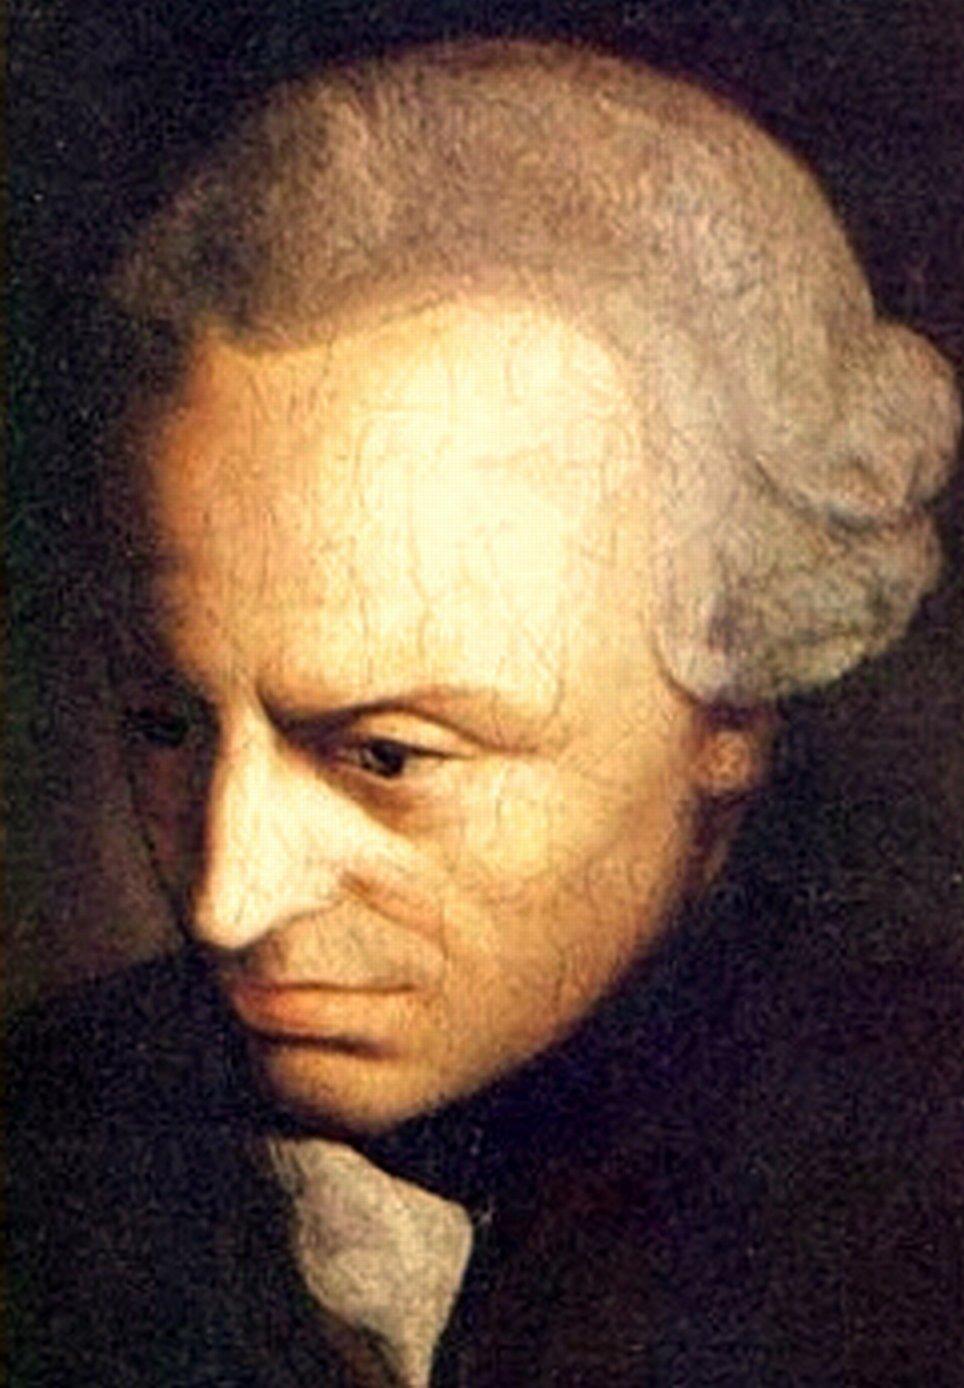 Immanuel Kant. Immagini di dominio pubblico.